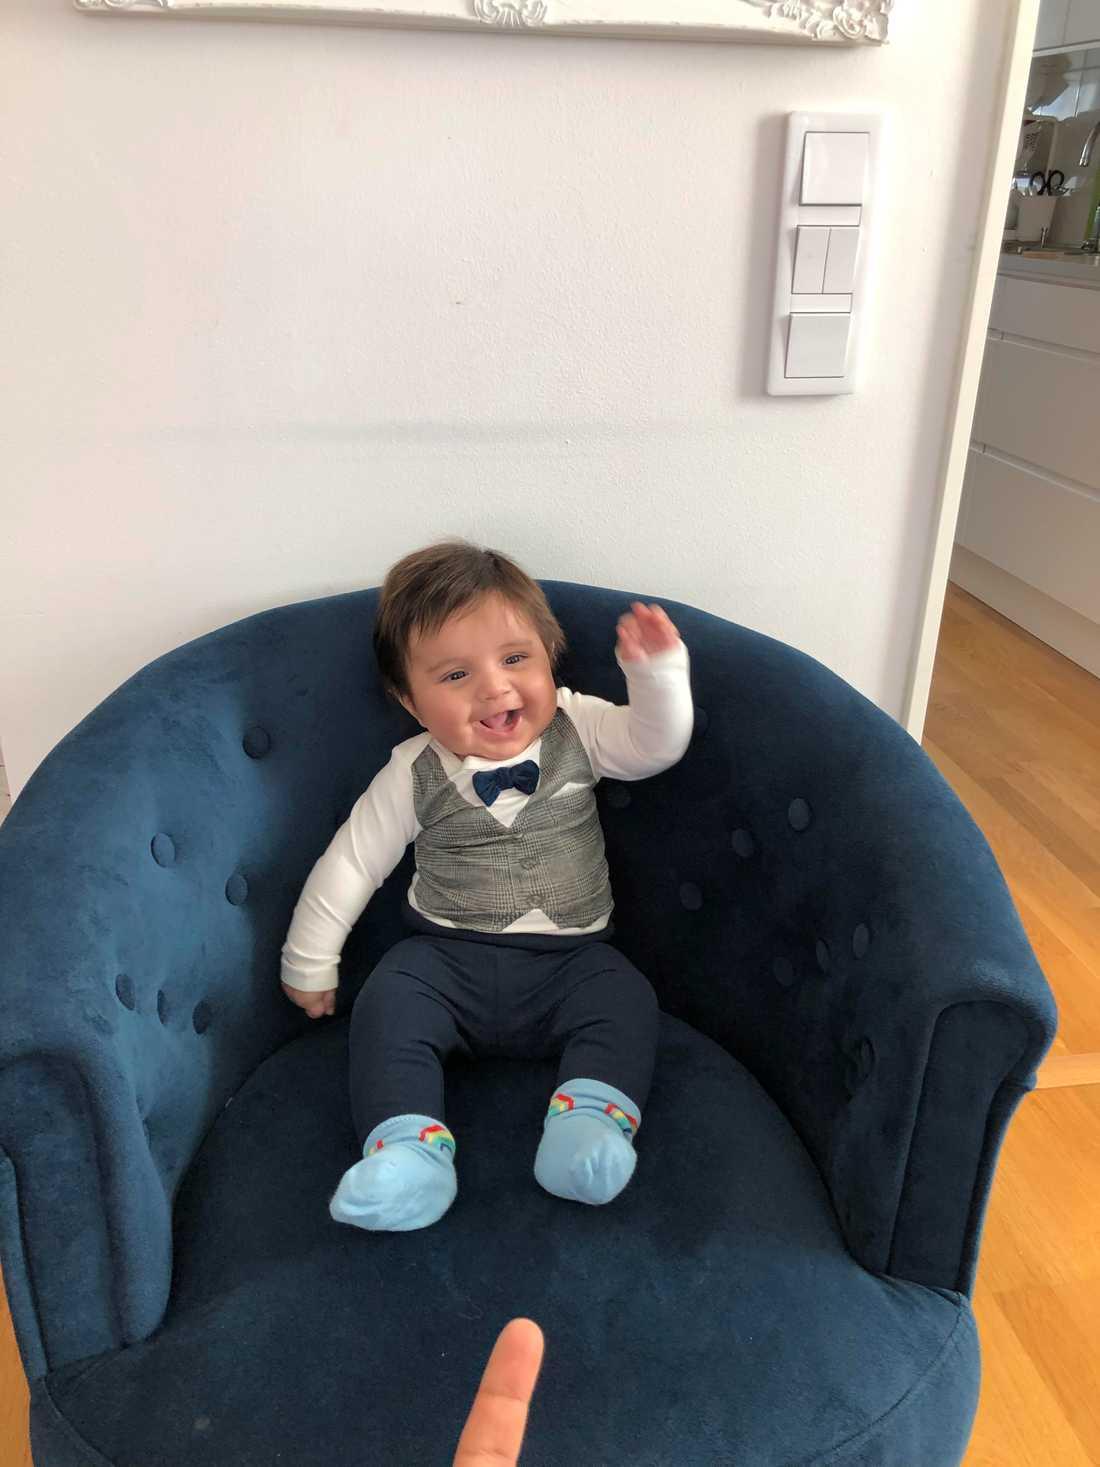 Liam föddes i februari med mycket hår. Nu är han fyra månader och han har fått klippas, hälsar mamman Shady Motlagh från Stockholm.